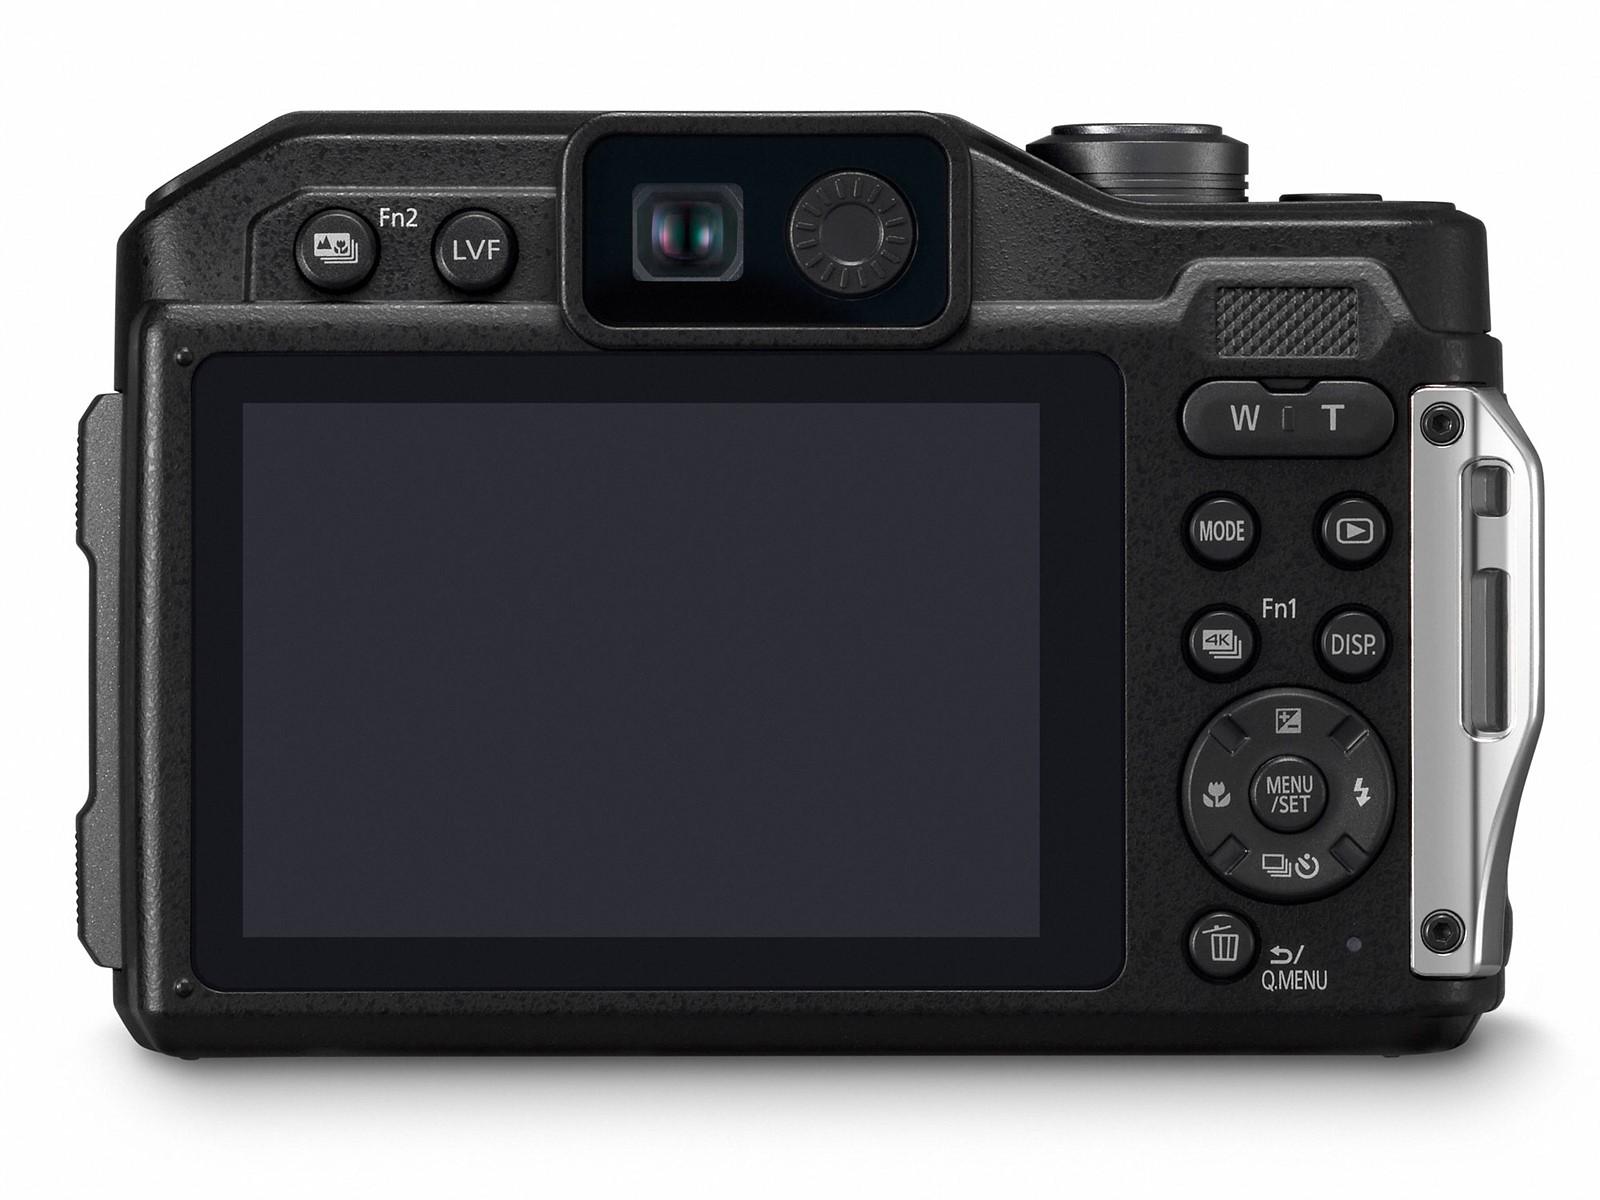 Panasonic Lumix FS7